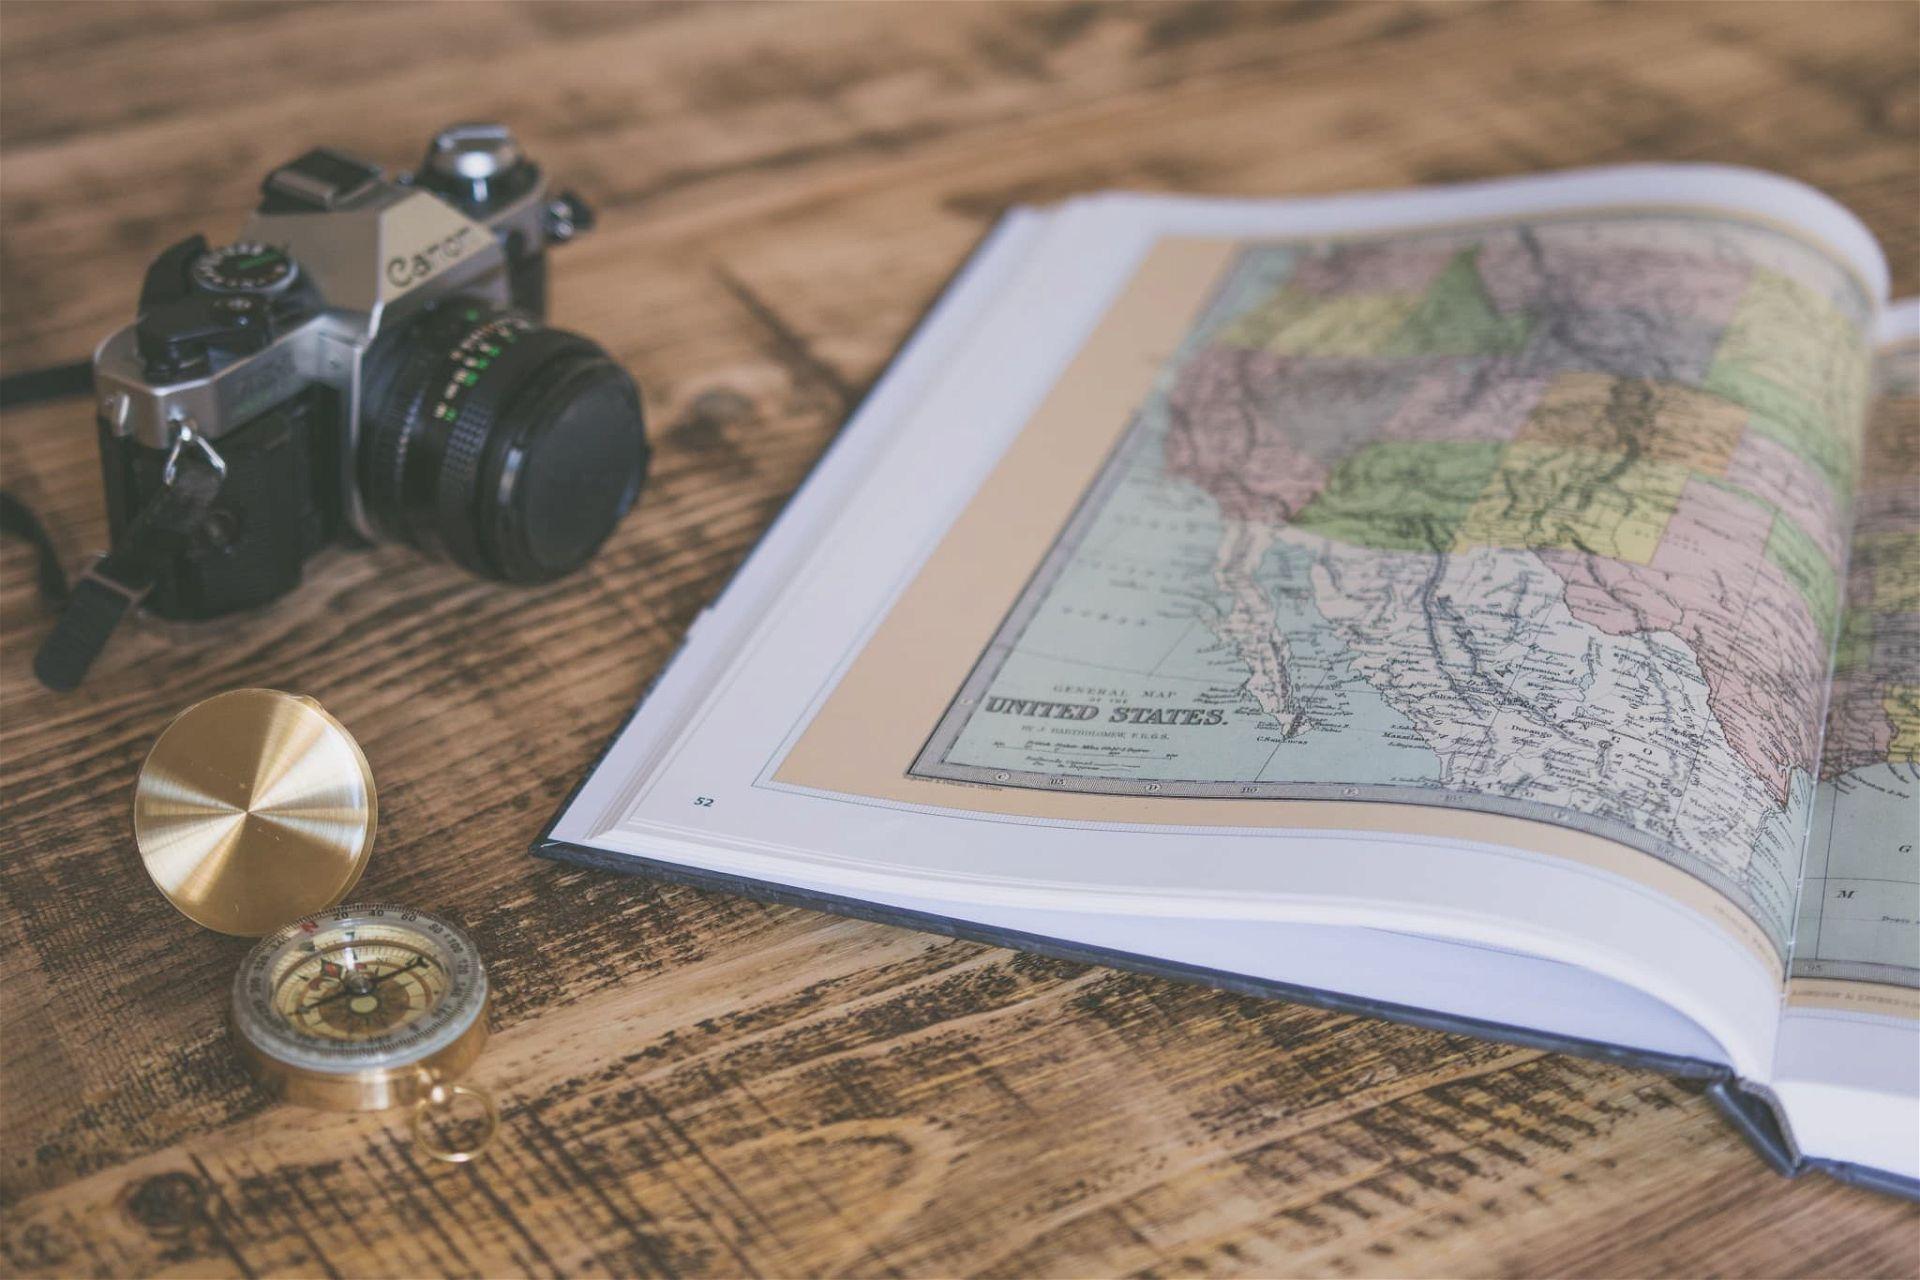 Reiseplanung-günstig in den Urlaub-unsplash